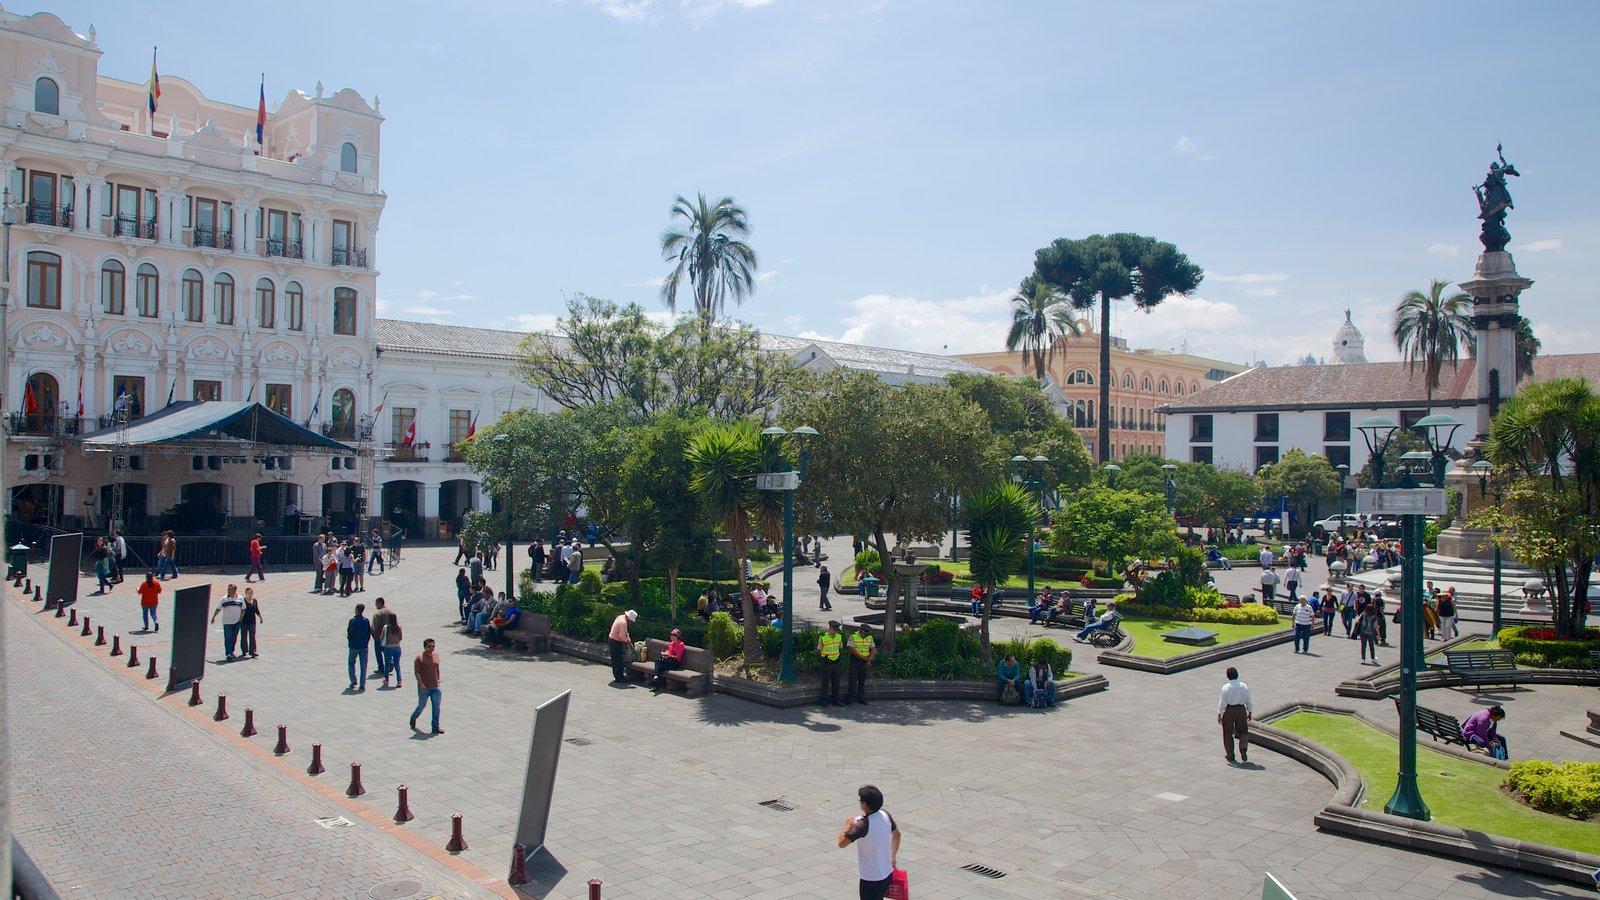 Plaza de la Independencia mostrando un parque o plaza y también un gran grupo de personas